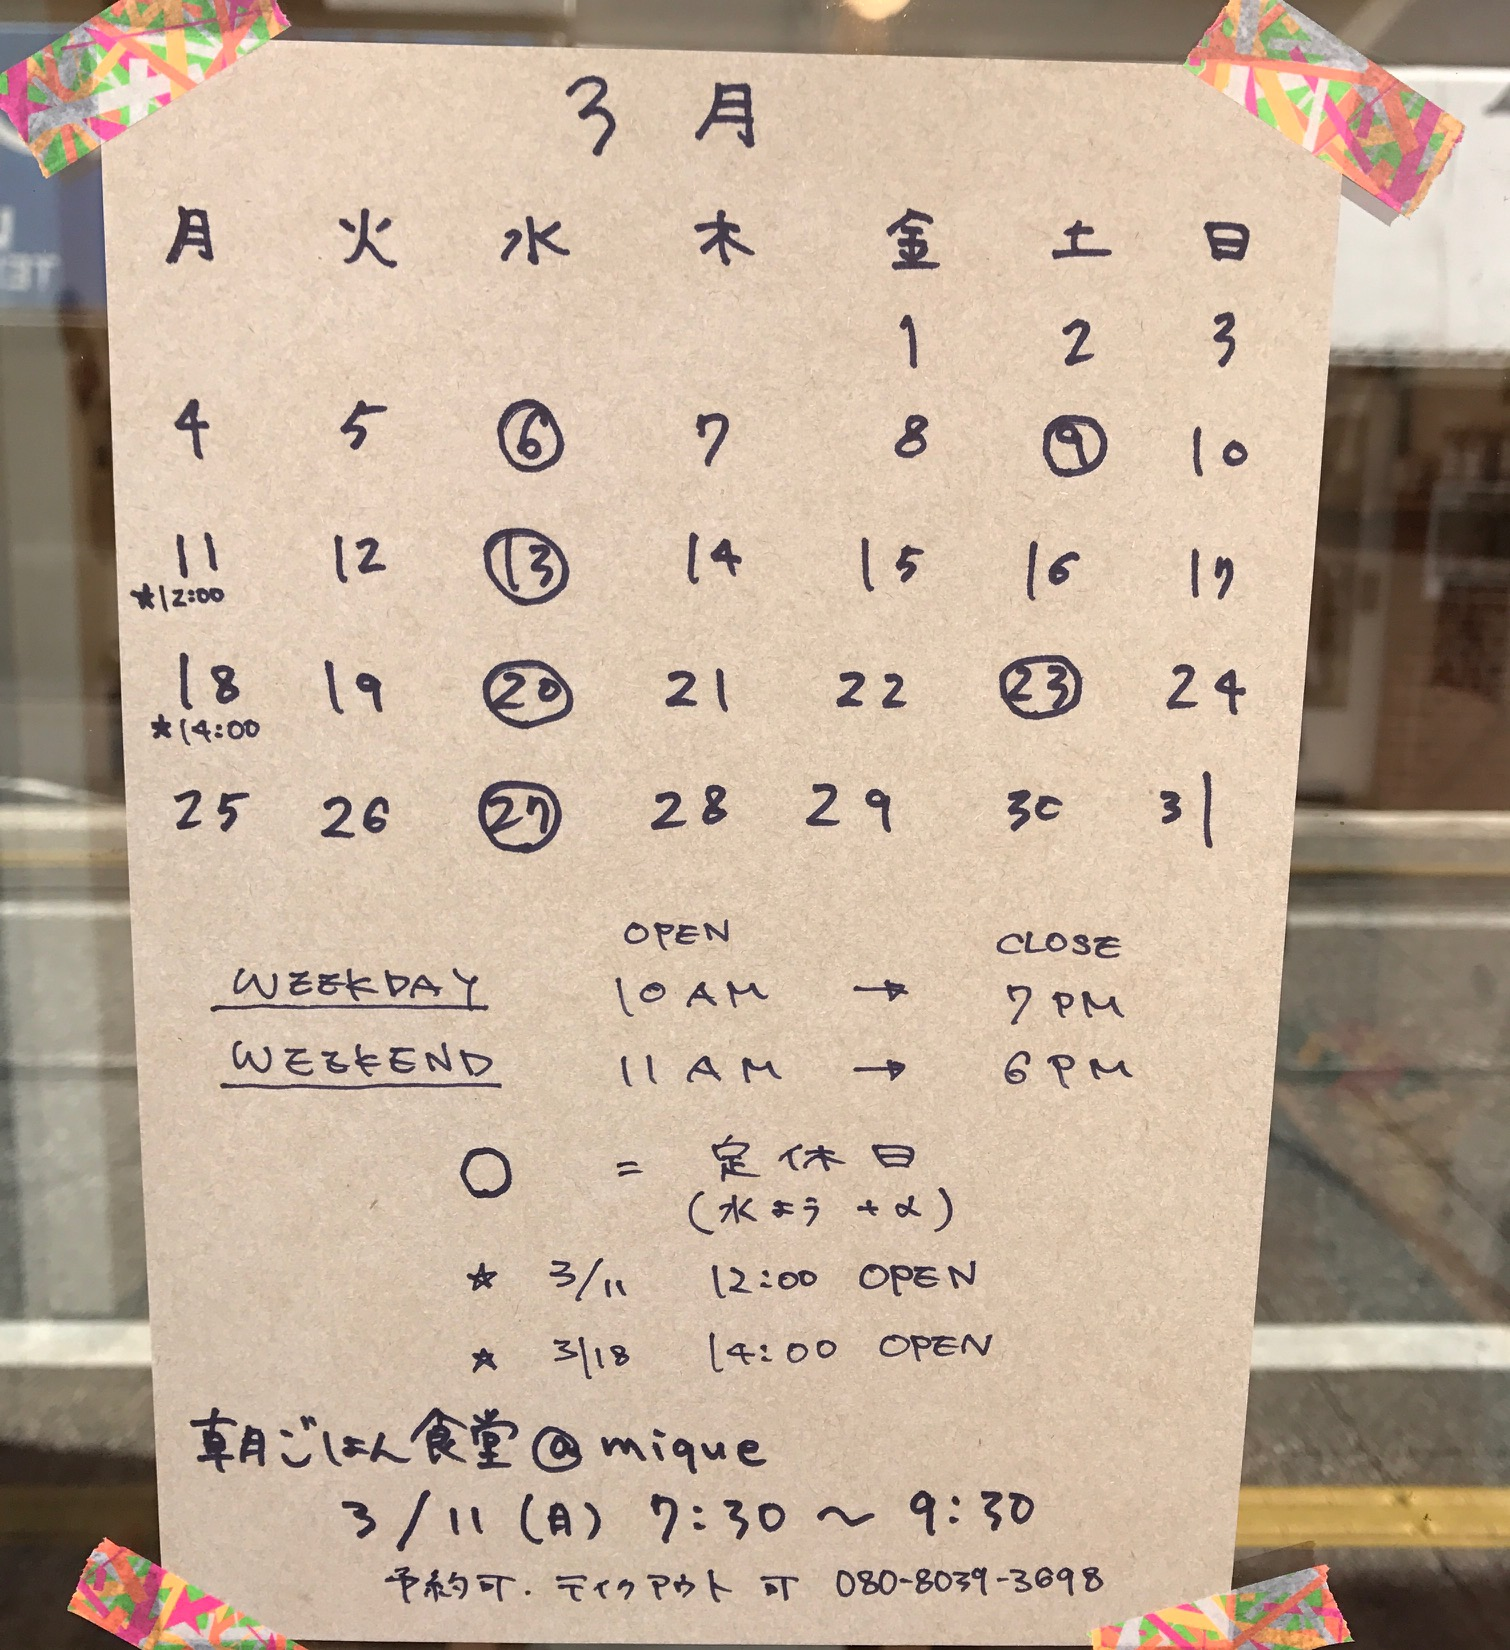 【2019年3月】松陰神社前店 営業カレンダー